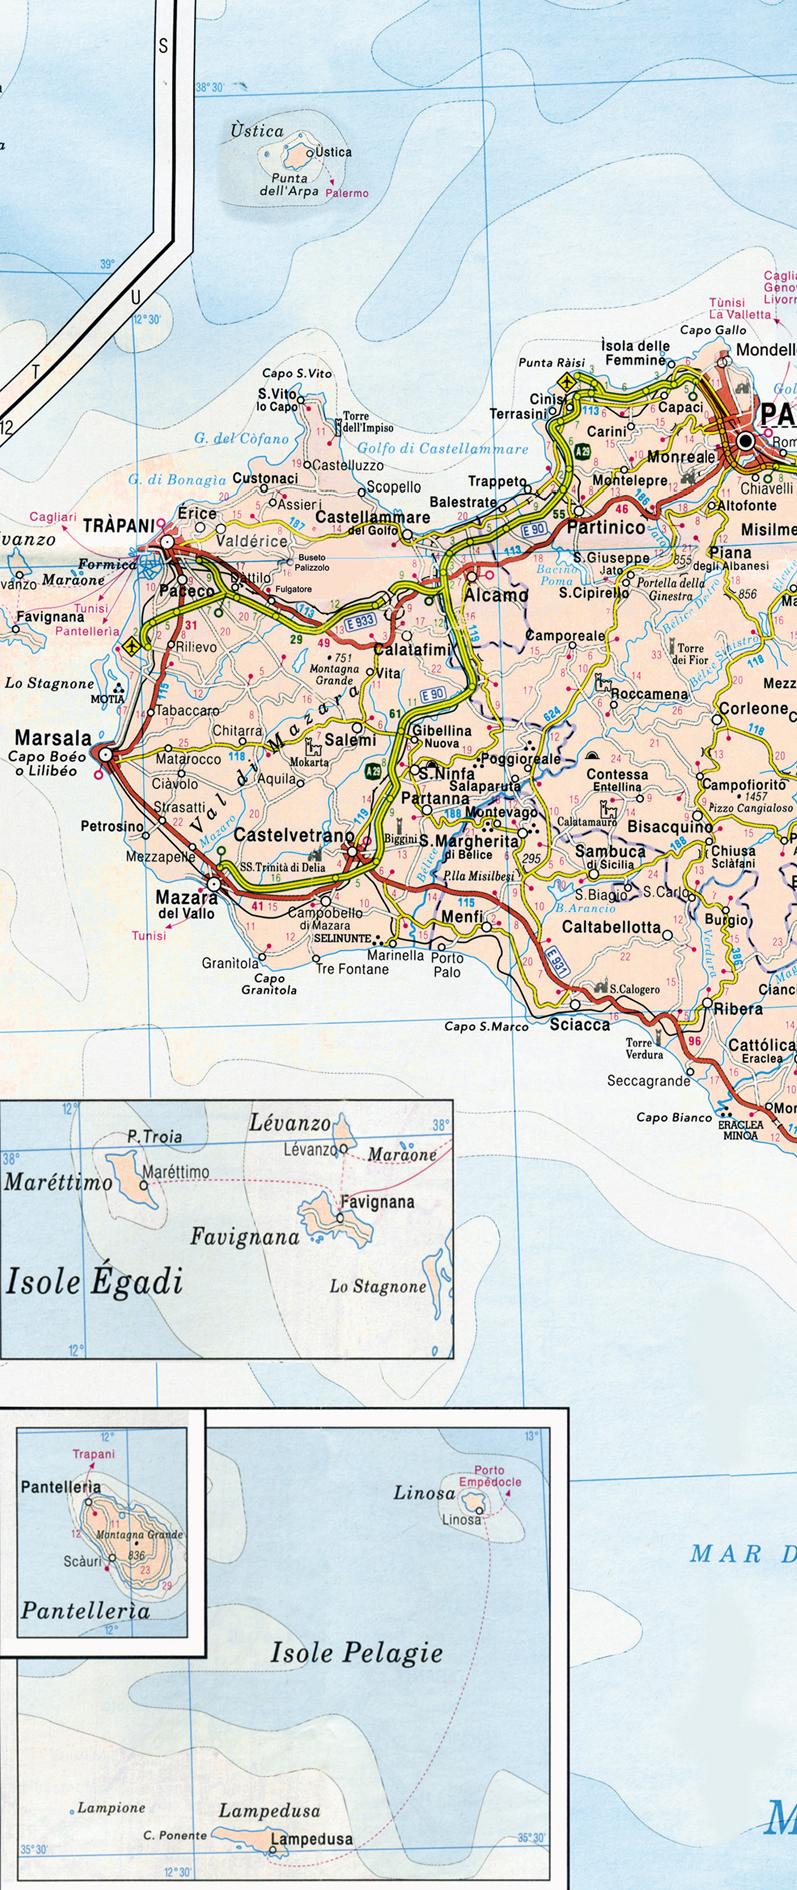 Percorrendo la sicilia cartina della sicilia occidentale cartina della sicilia centrale cartina della sicilia orientale altavistaventures Image collections